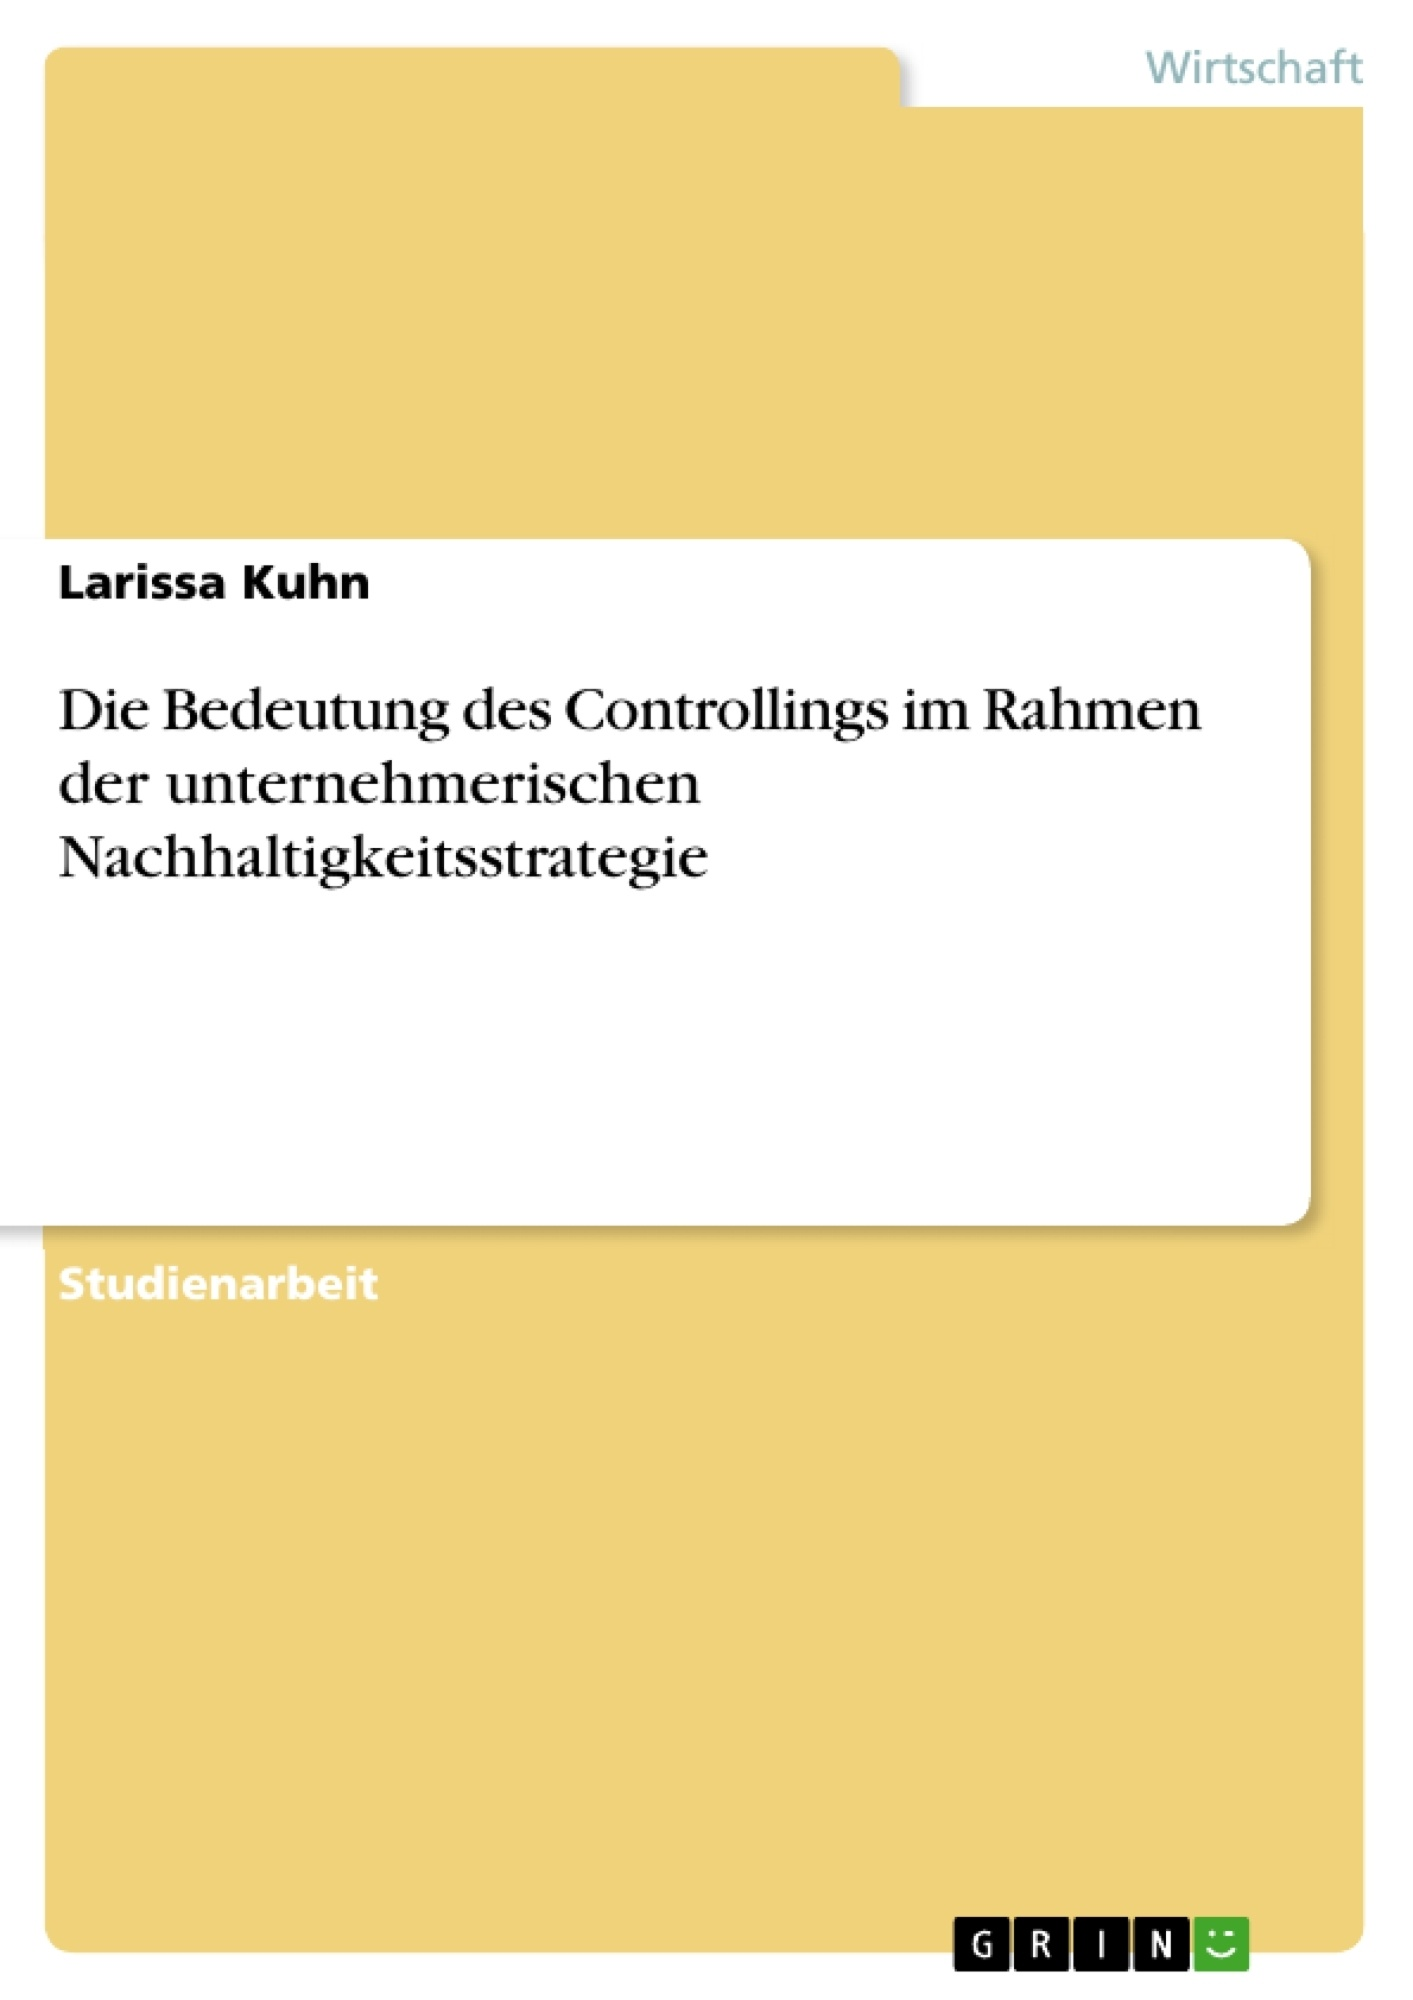 Titel: Die Bedeutung des Controllings im Rahmen der unternehmerischen Nachhaltigkeitsstrategie